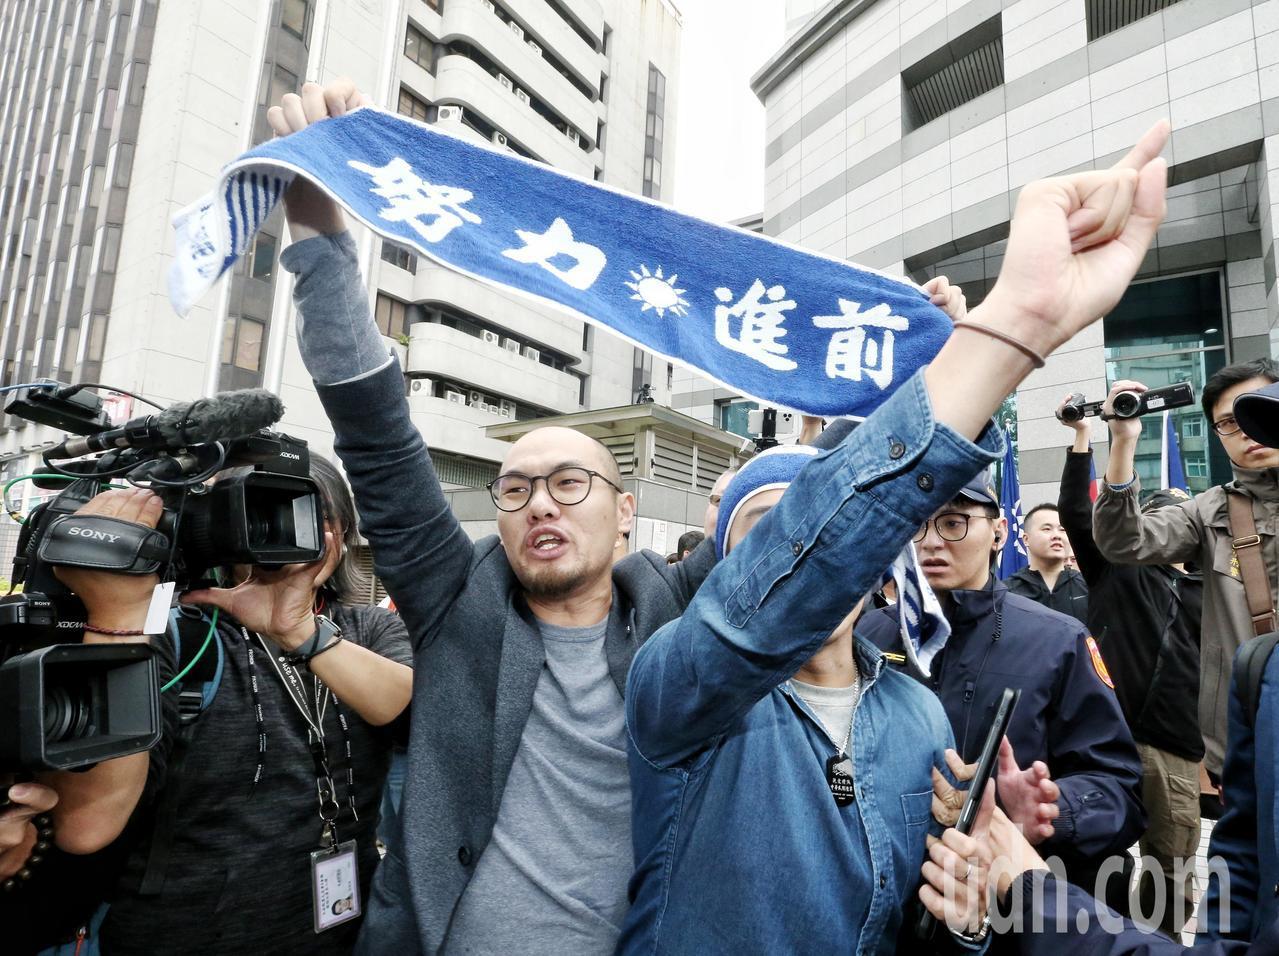 國民黨青年派黨員突襲中常會,要求黨中央改革,卻被警方請出黨部,情面怒吼國民黨不重...